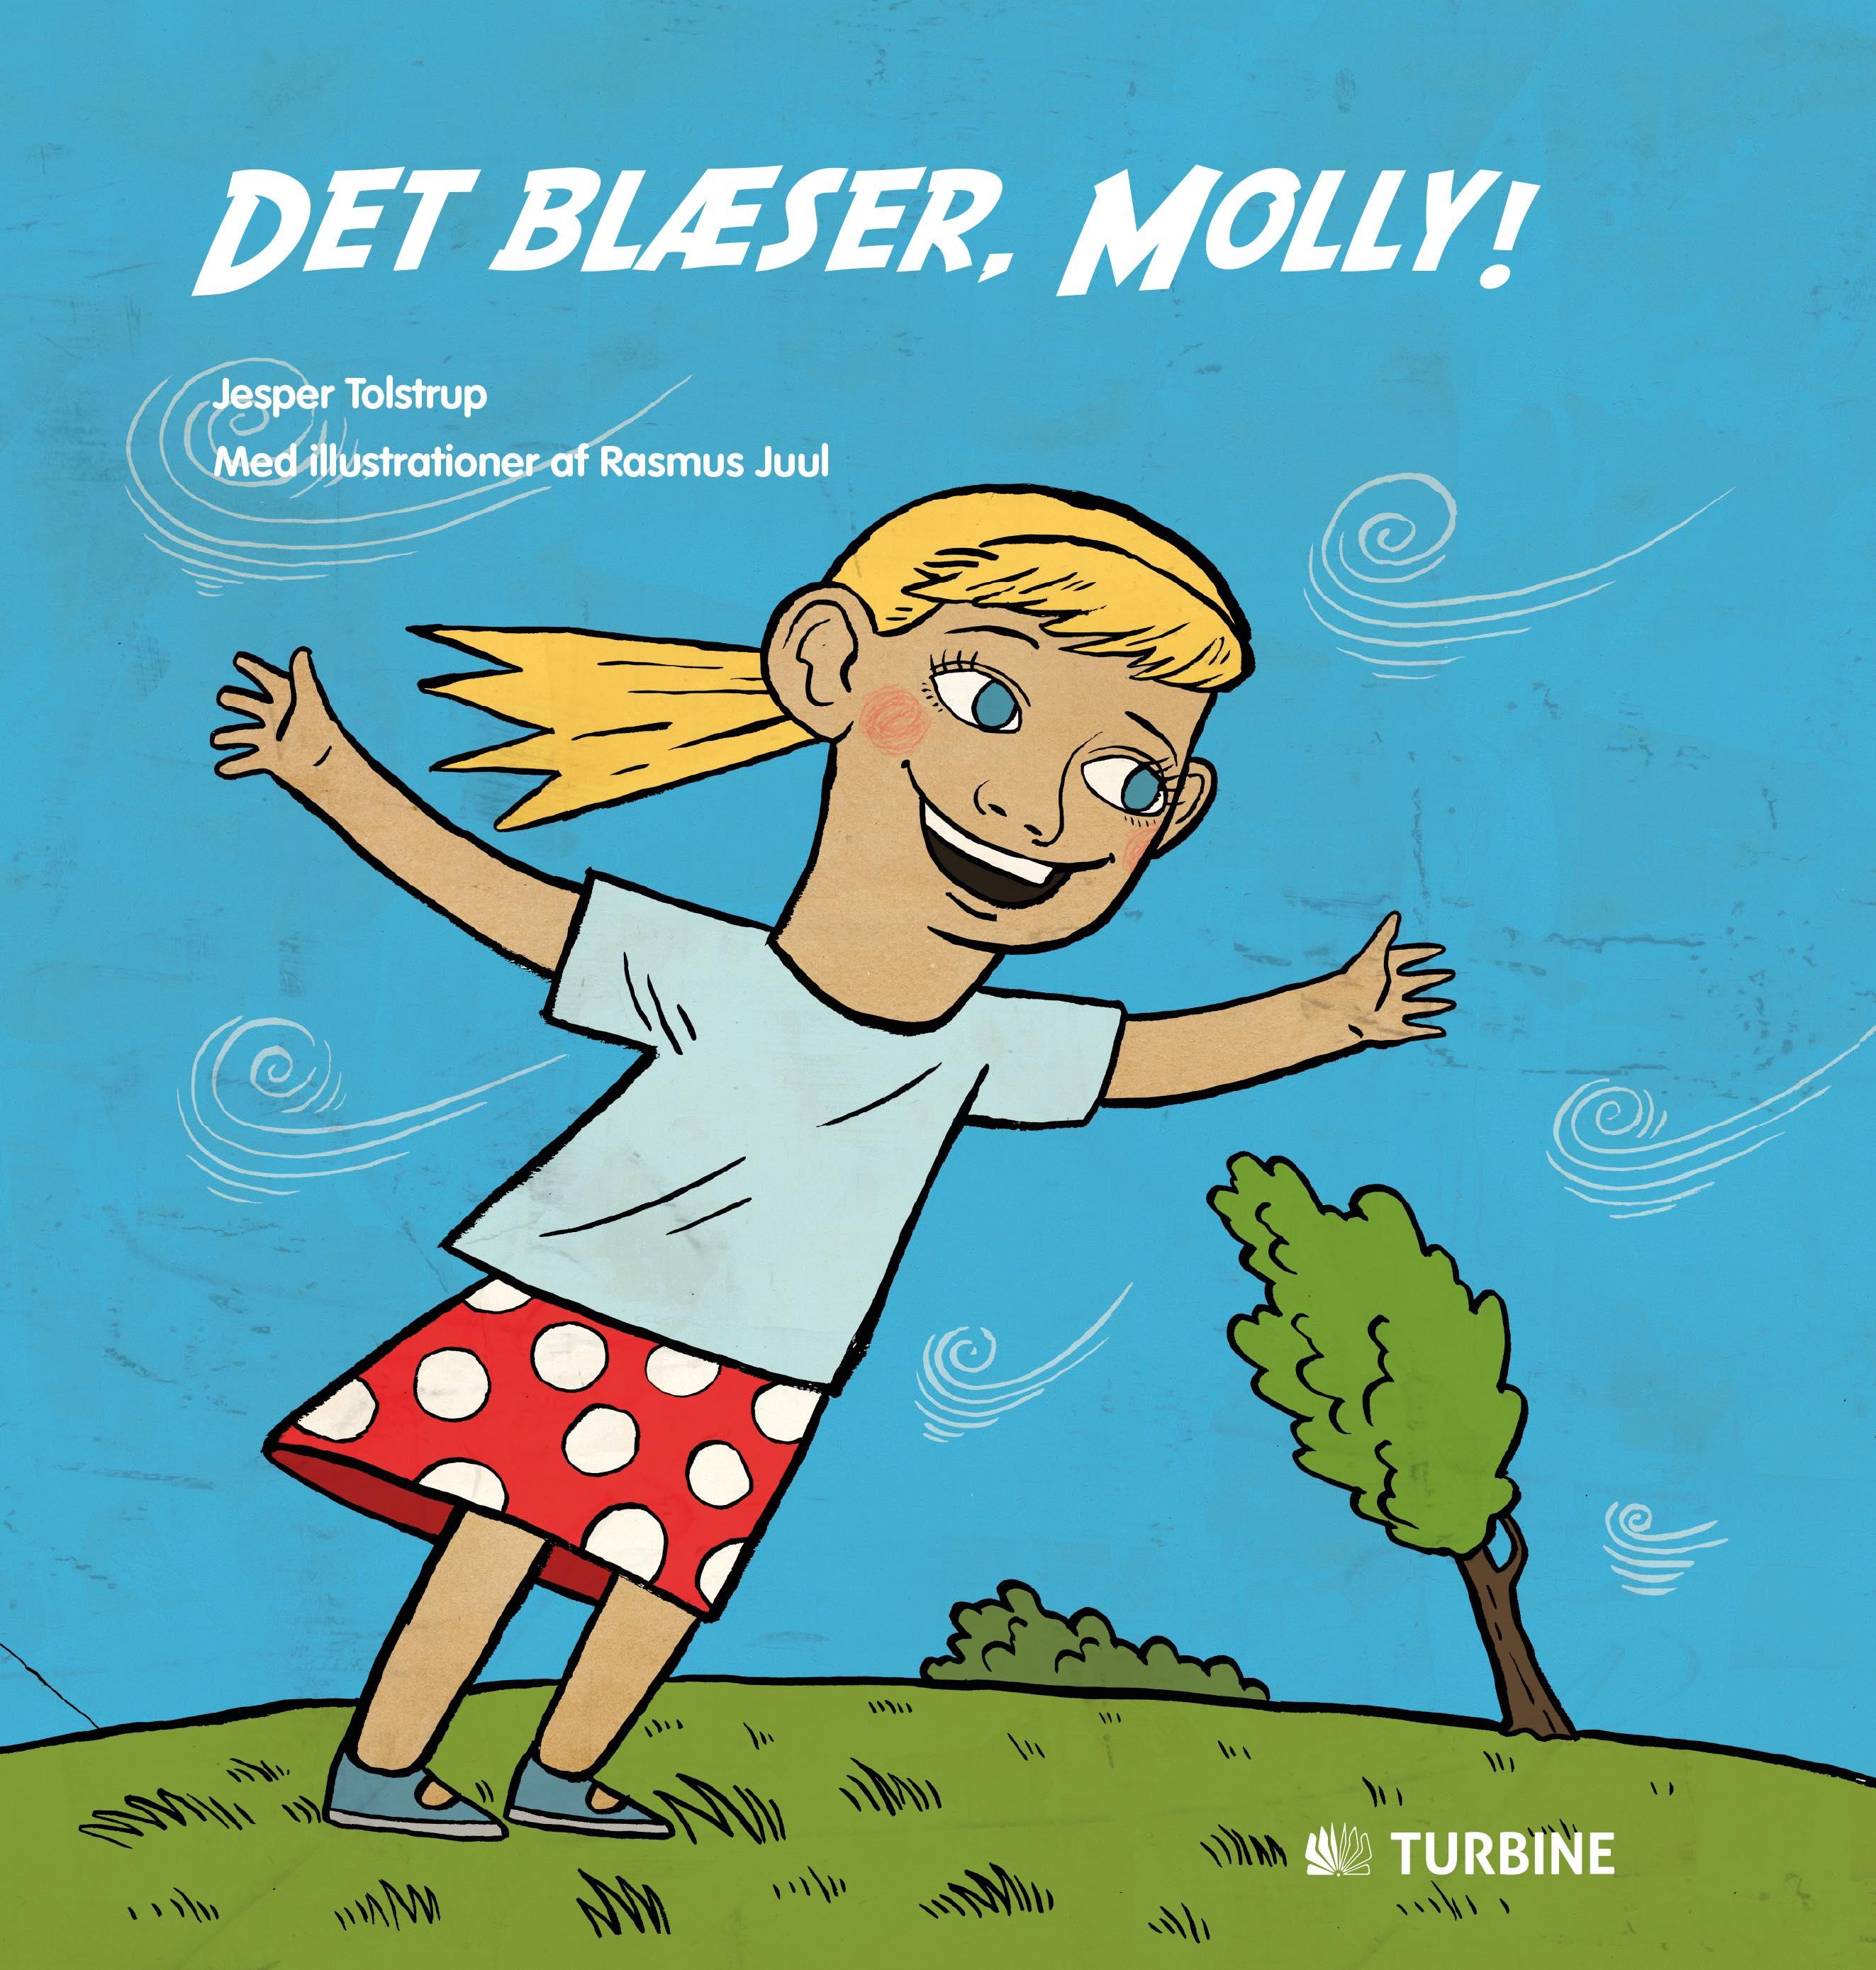 Det blæser, Molly!